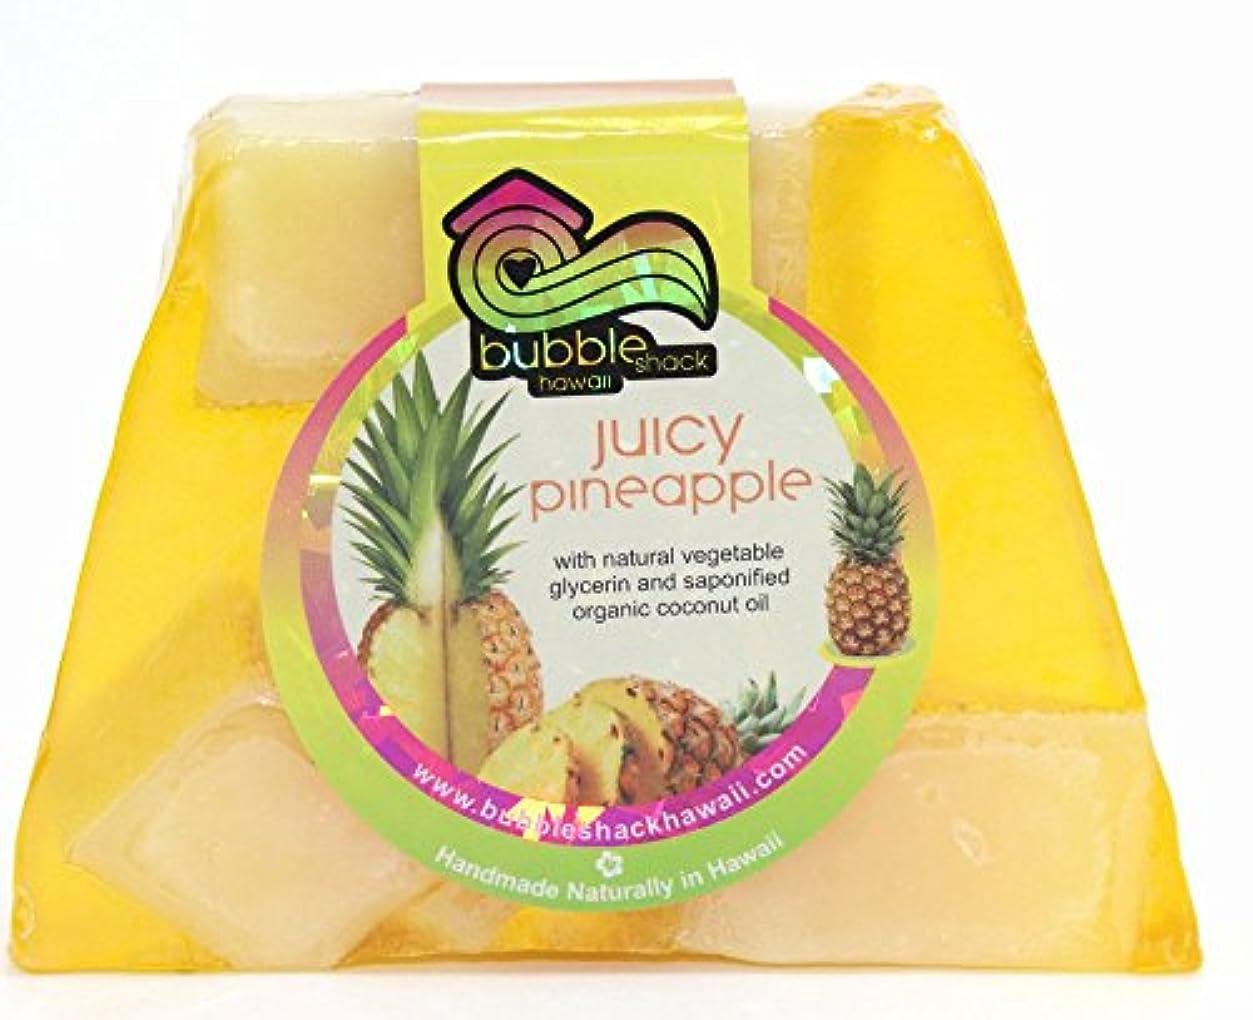 ラベ伝染性のクラッシュハワイ お土産 ハワイアン雑貨 バブルシャック パイナップル チャンクソープ 石鹸 (パイナップル) ハワイ雑貨